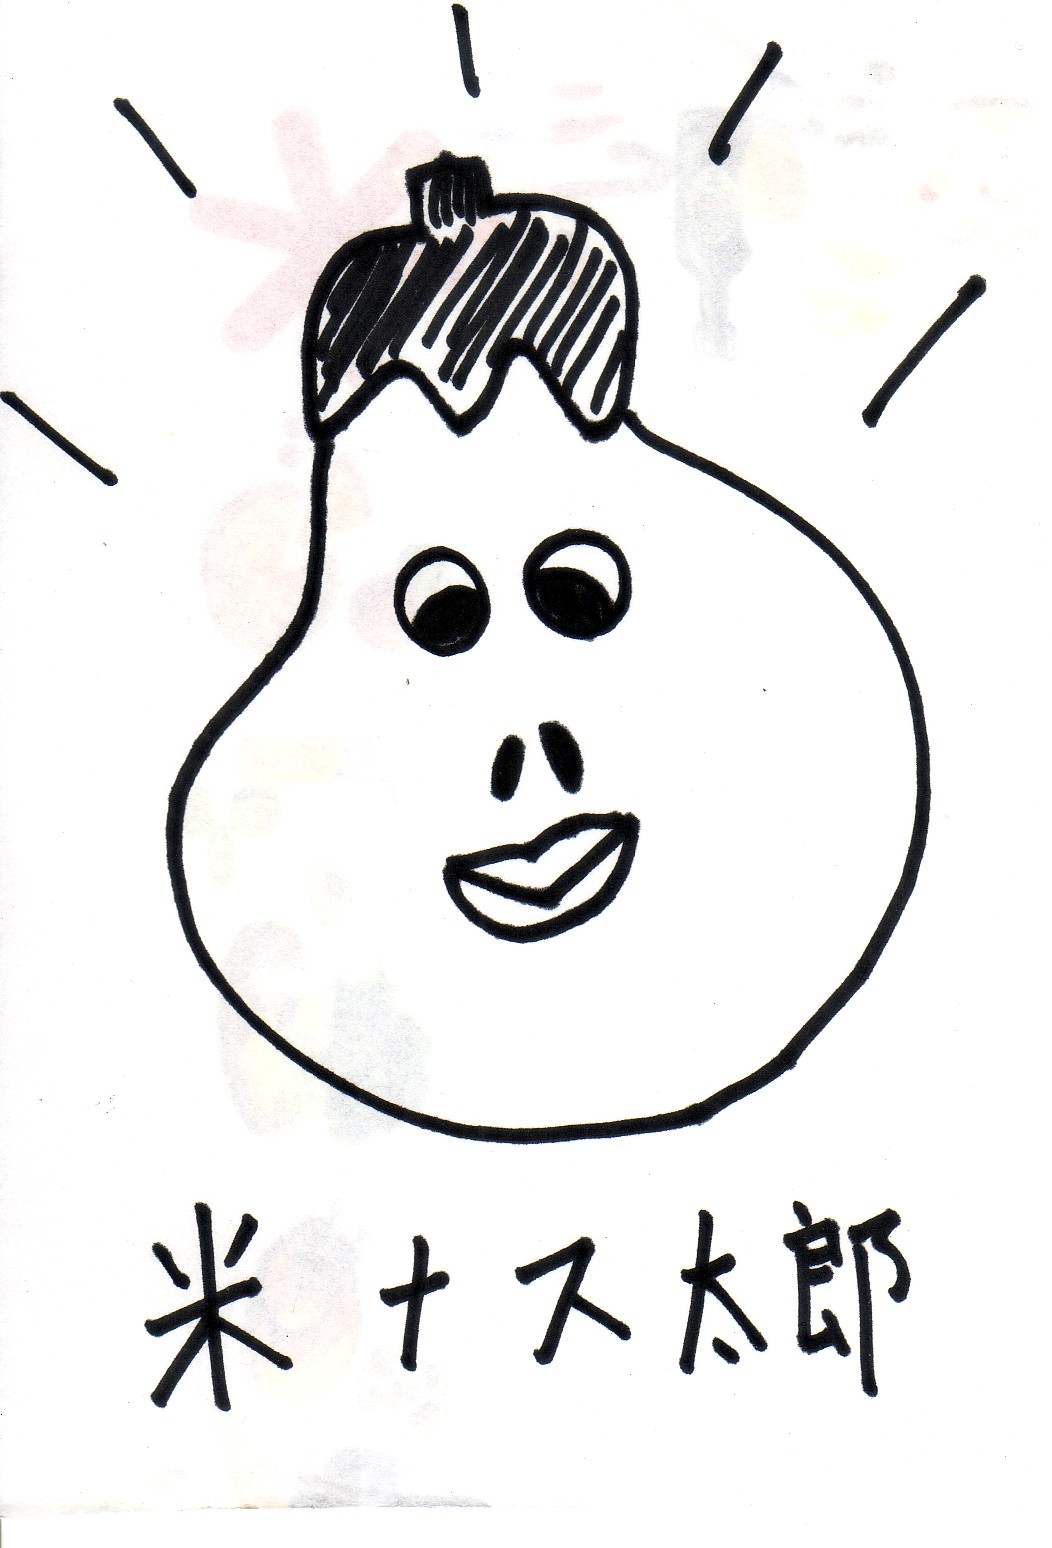 米ナス太郎